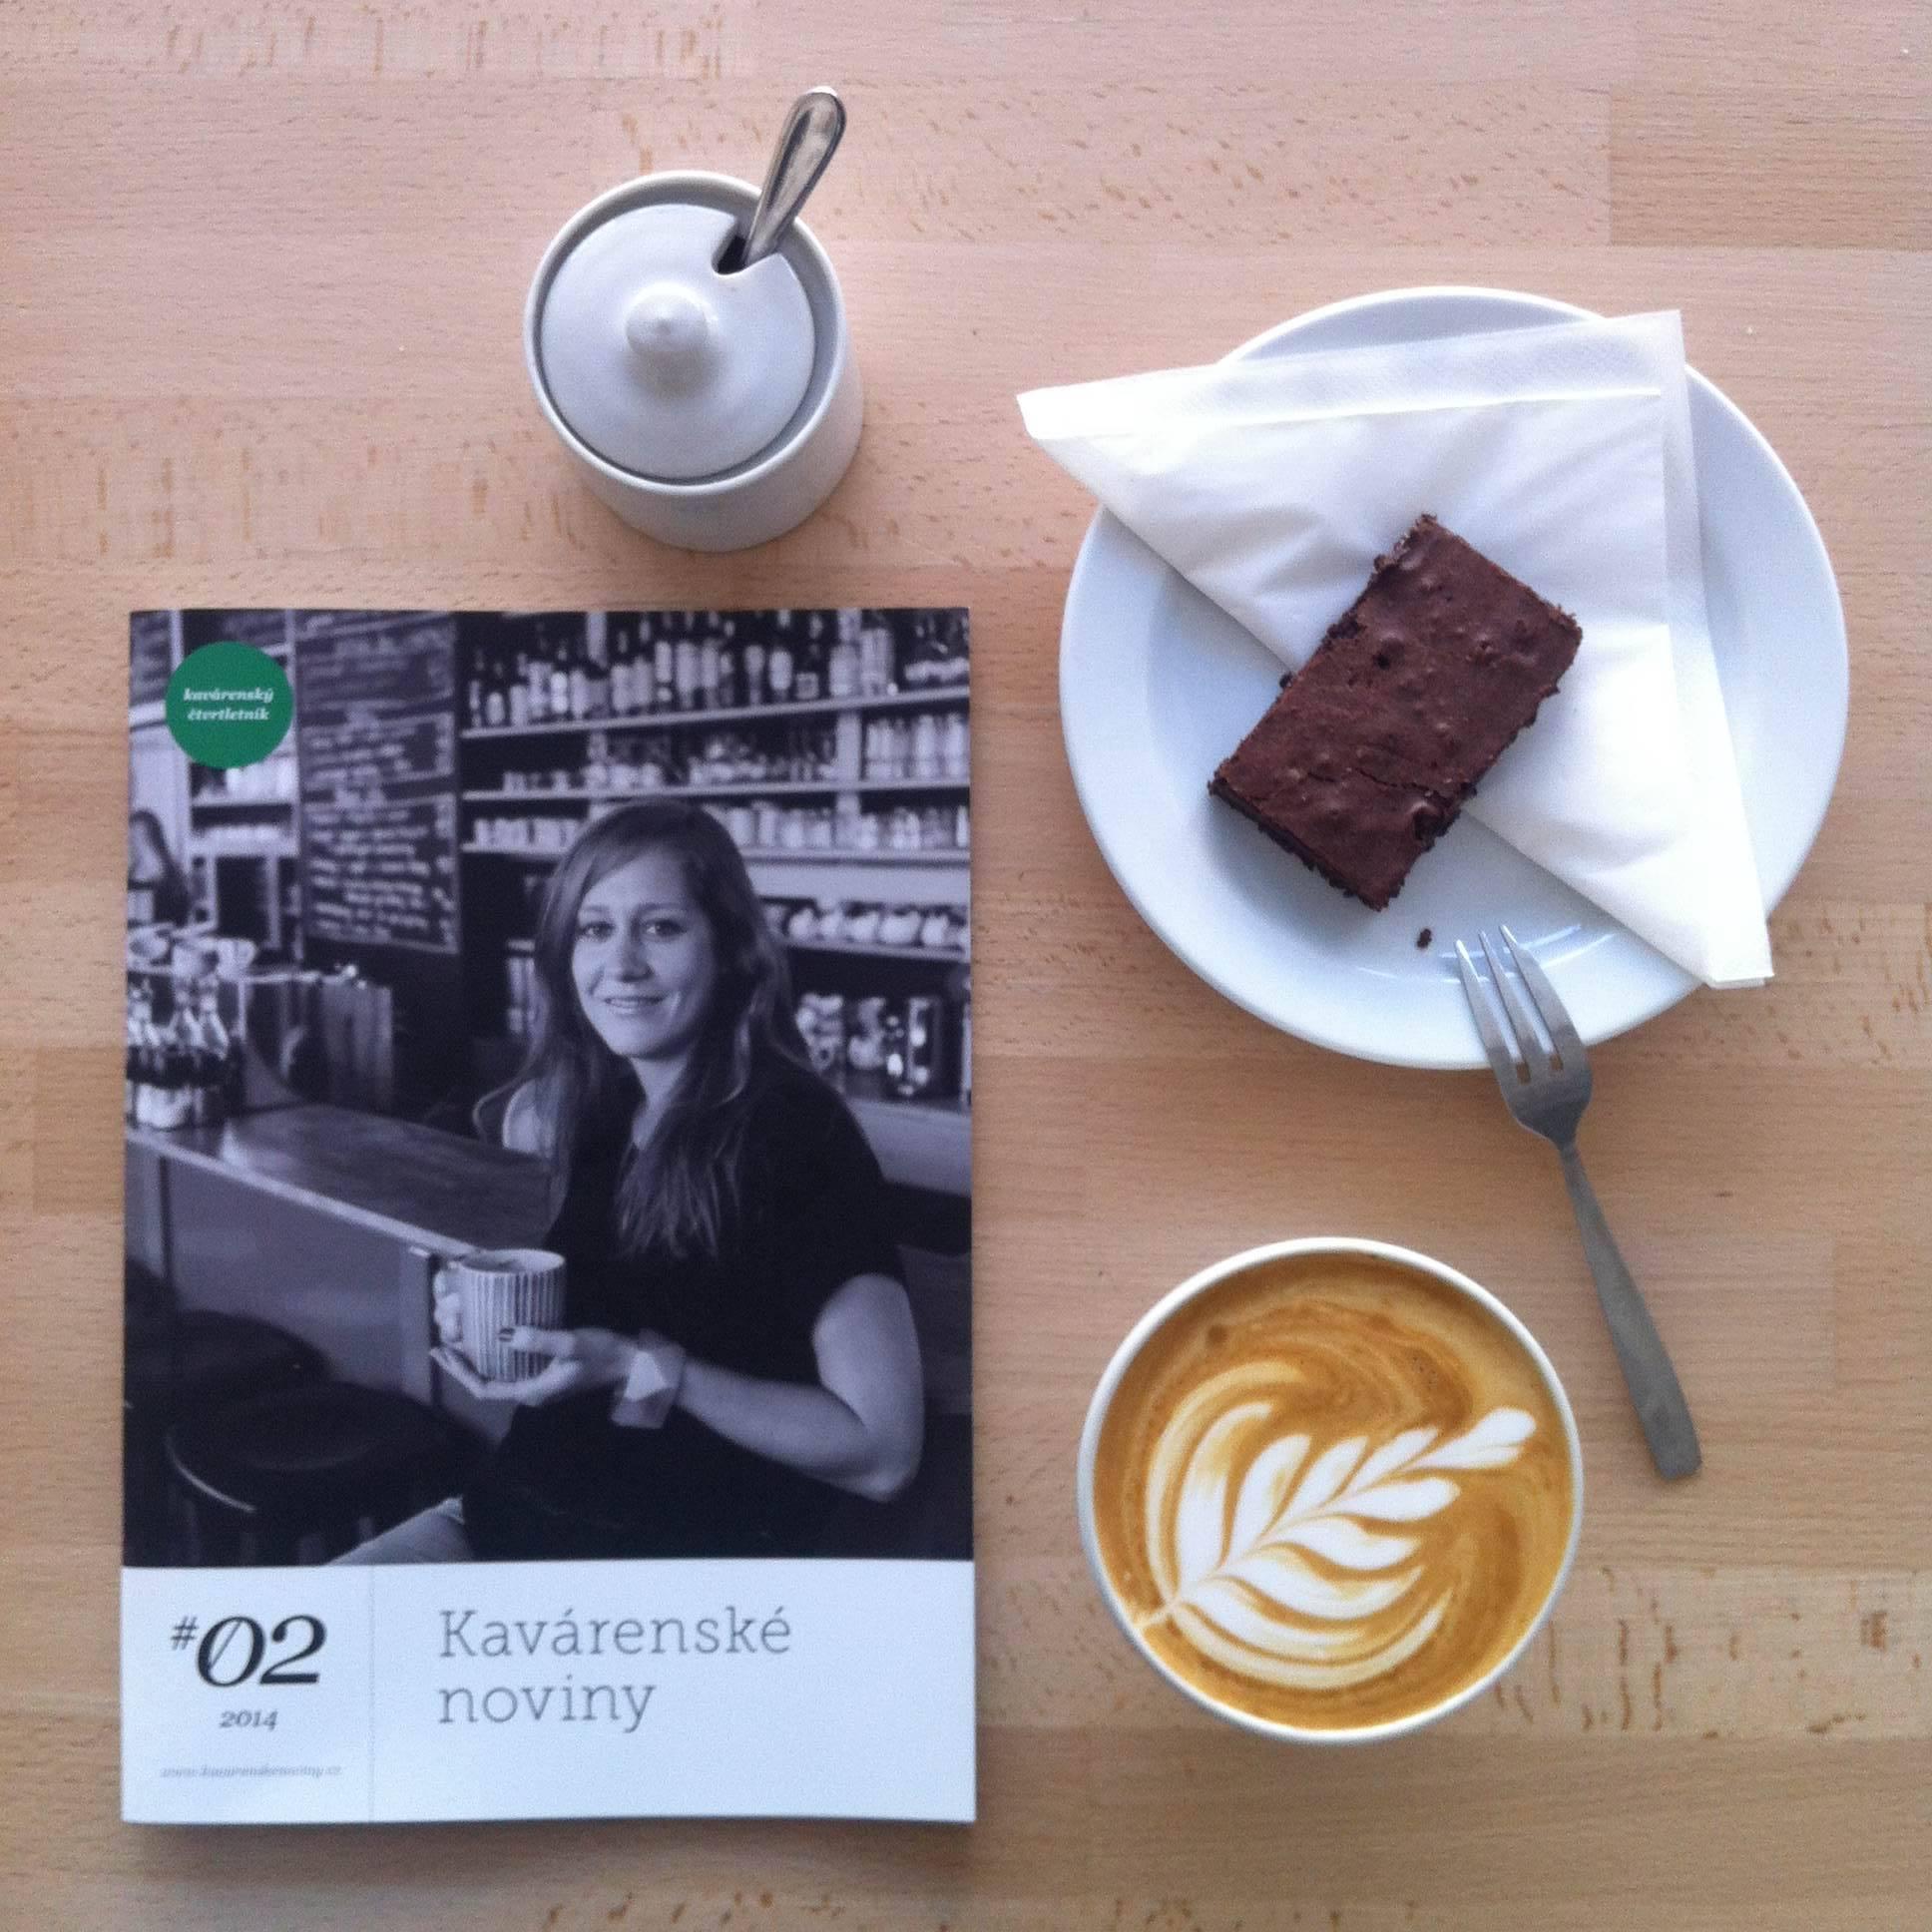 Kavárenské noviny